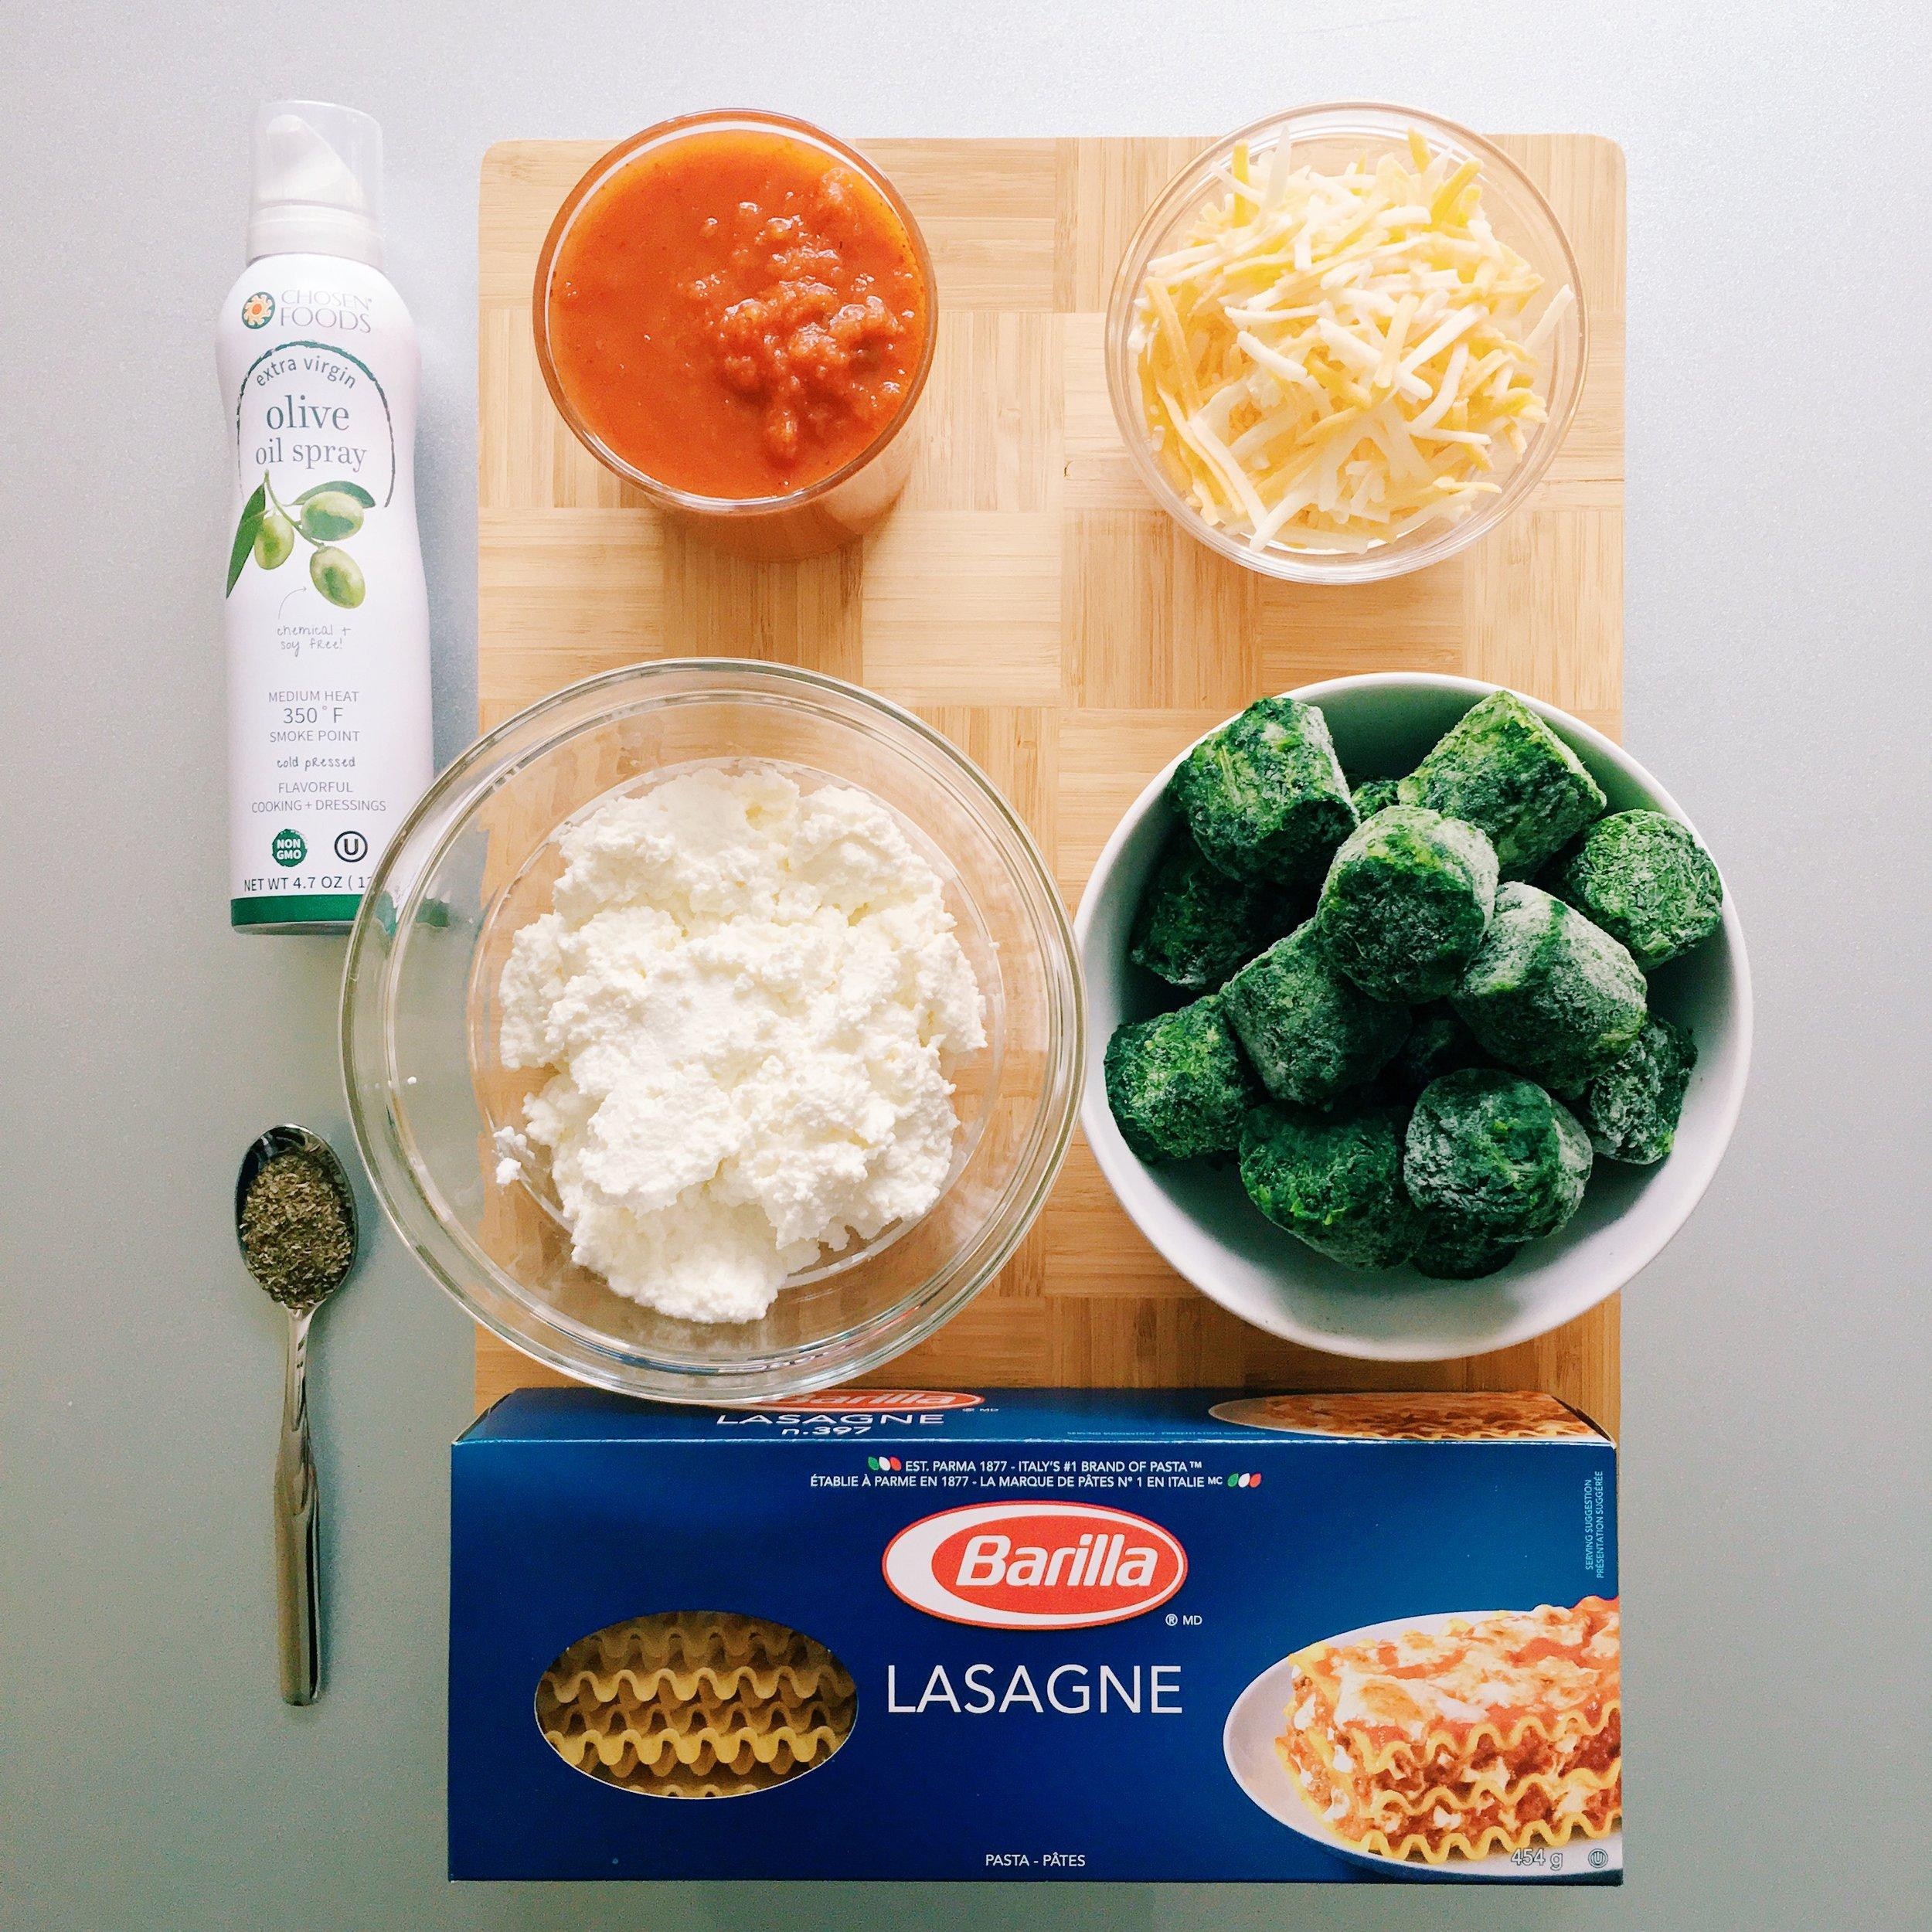 Spinach Ricotta Lasagna ingredients